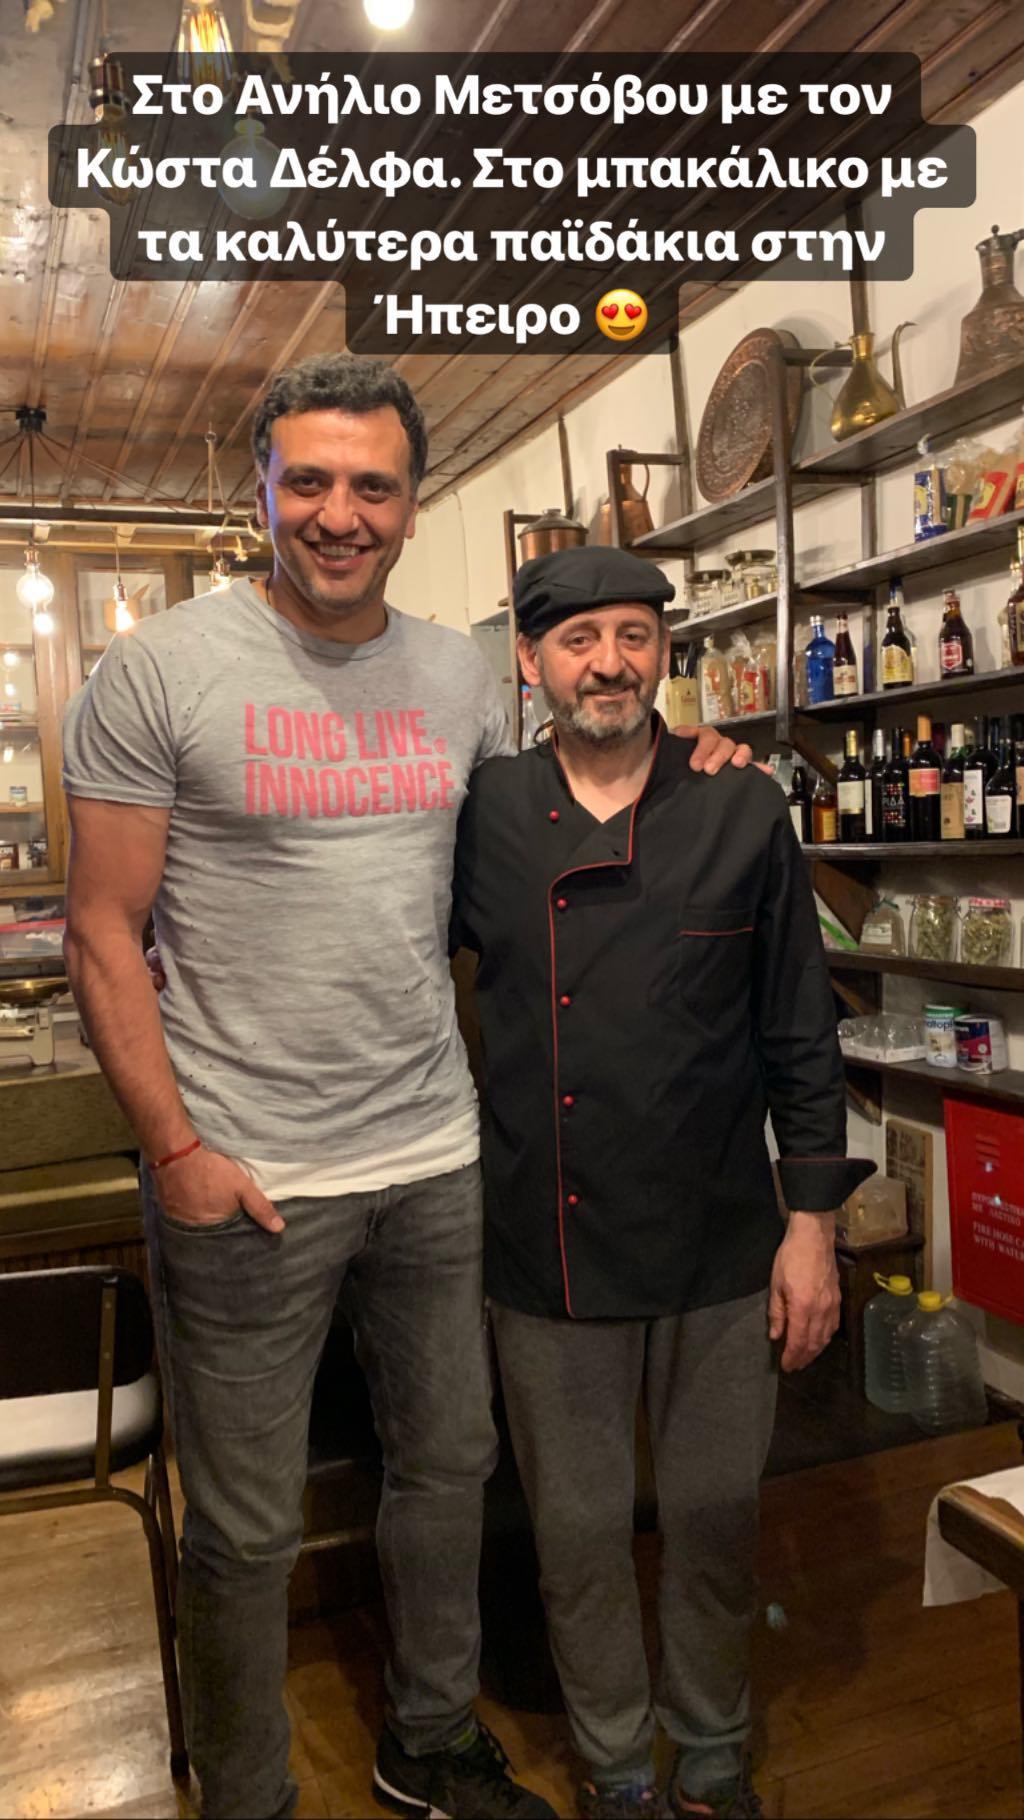 Ο Βασίλης Κικίλιας ποζάρει με τον ιδιοκτήτη του μπακάλικου στο Ανήλιο Μετσόβου